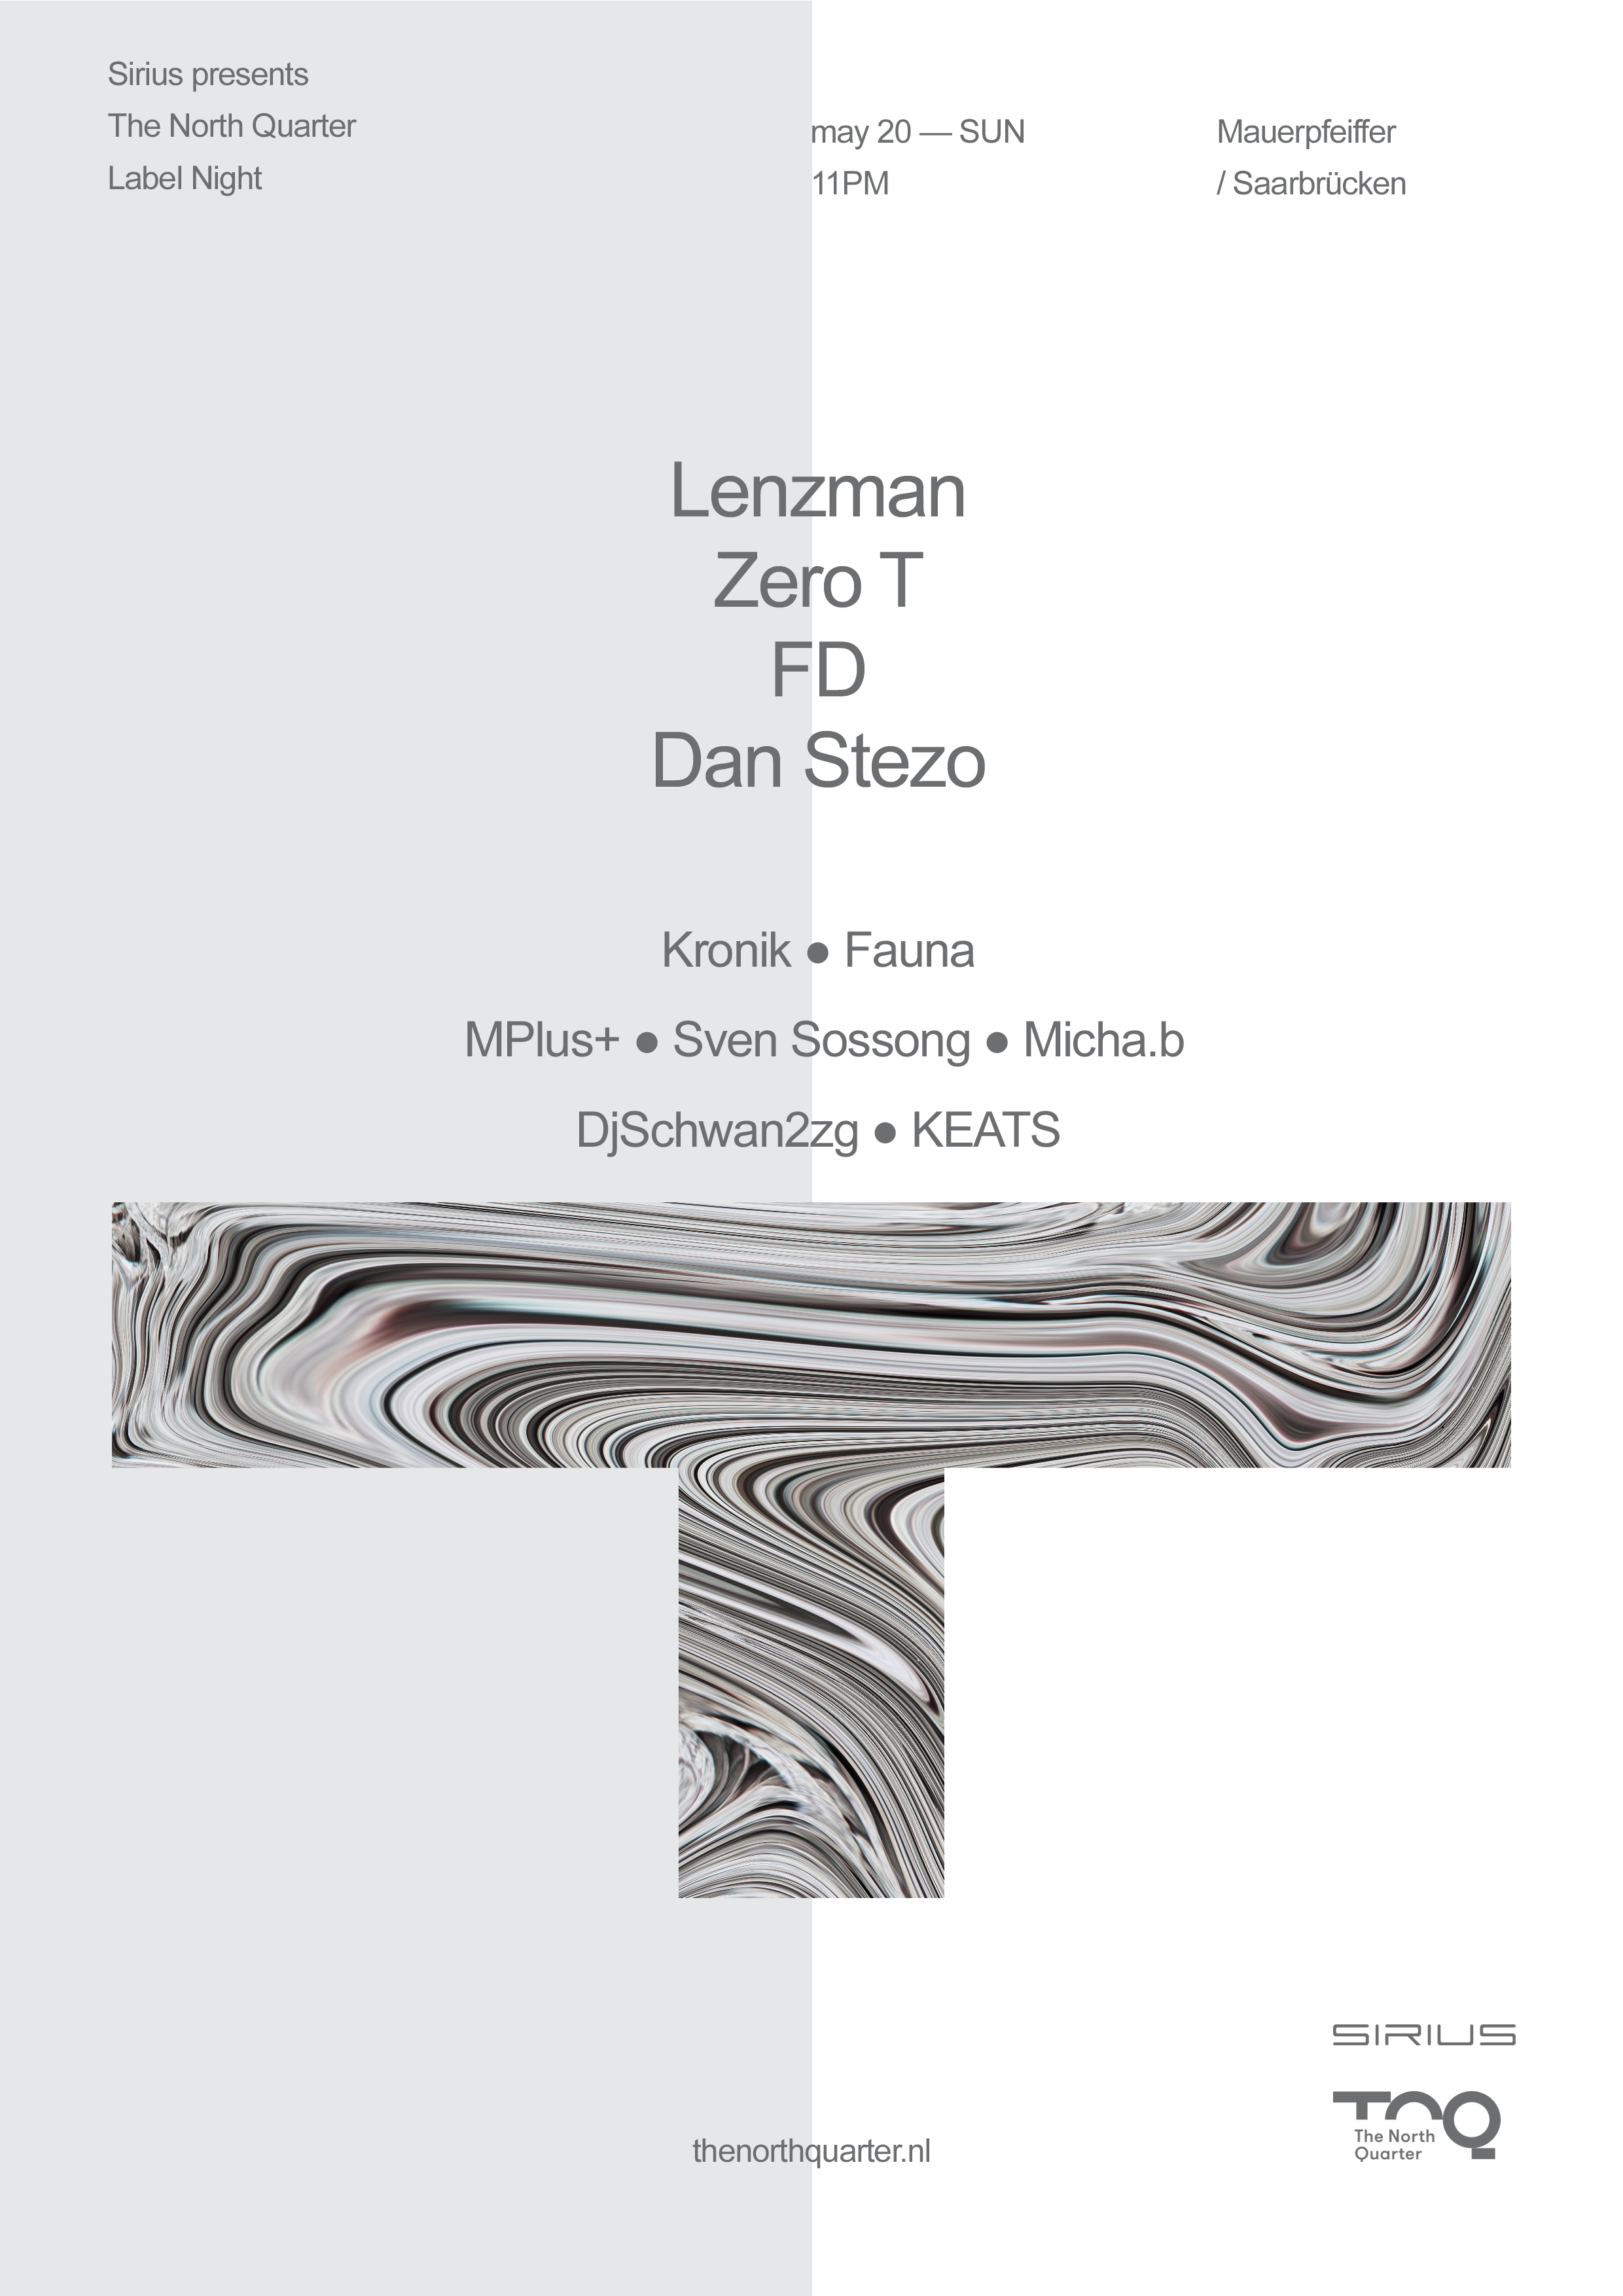 Sirius w/ TNQ Night (Lenzman, Zero T, FD & Dan Stezo)